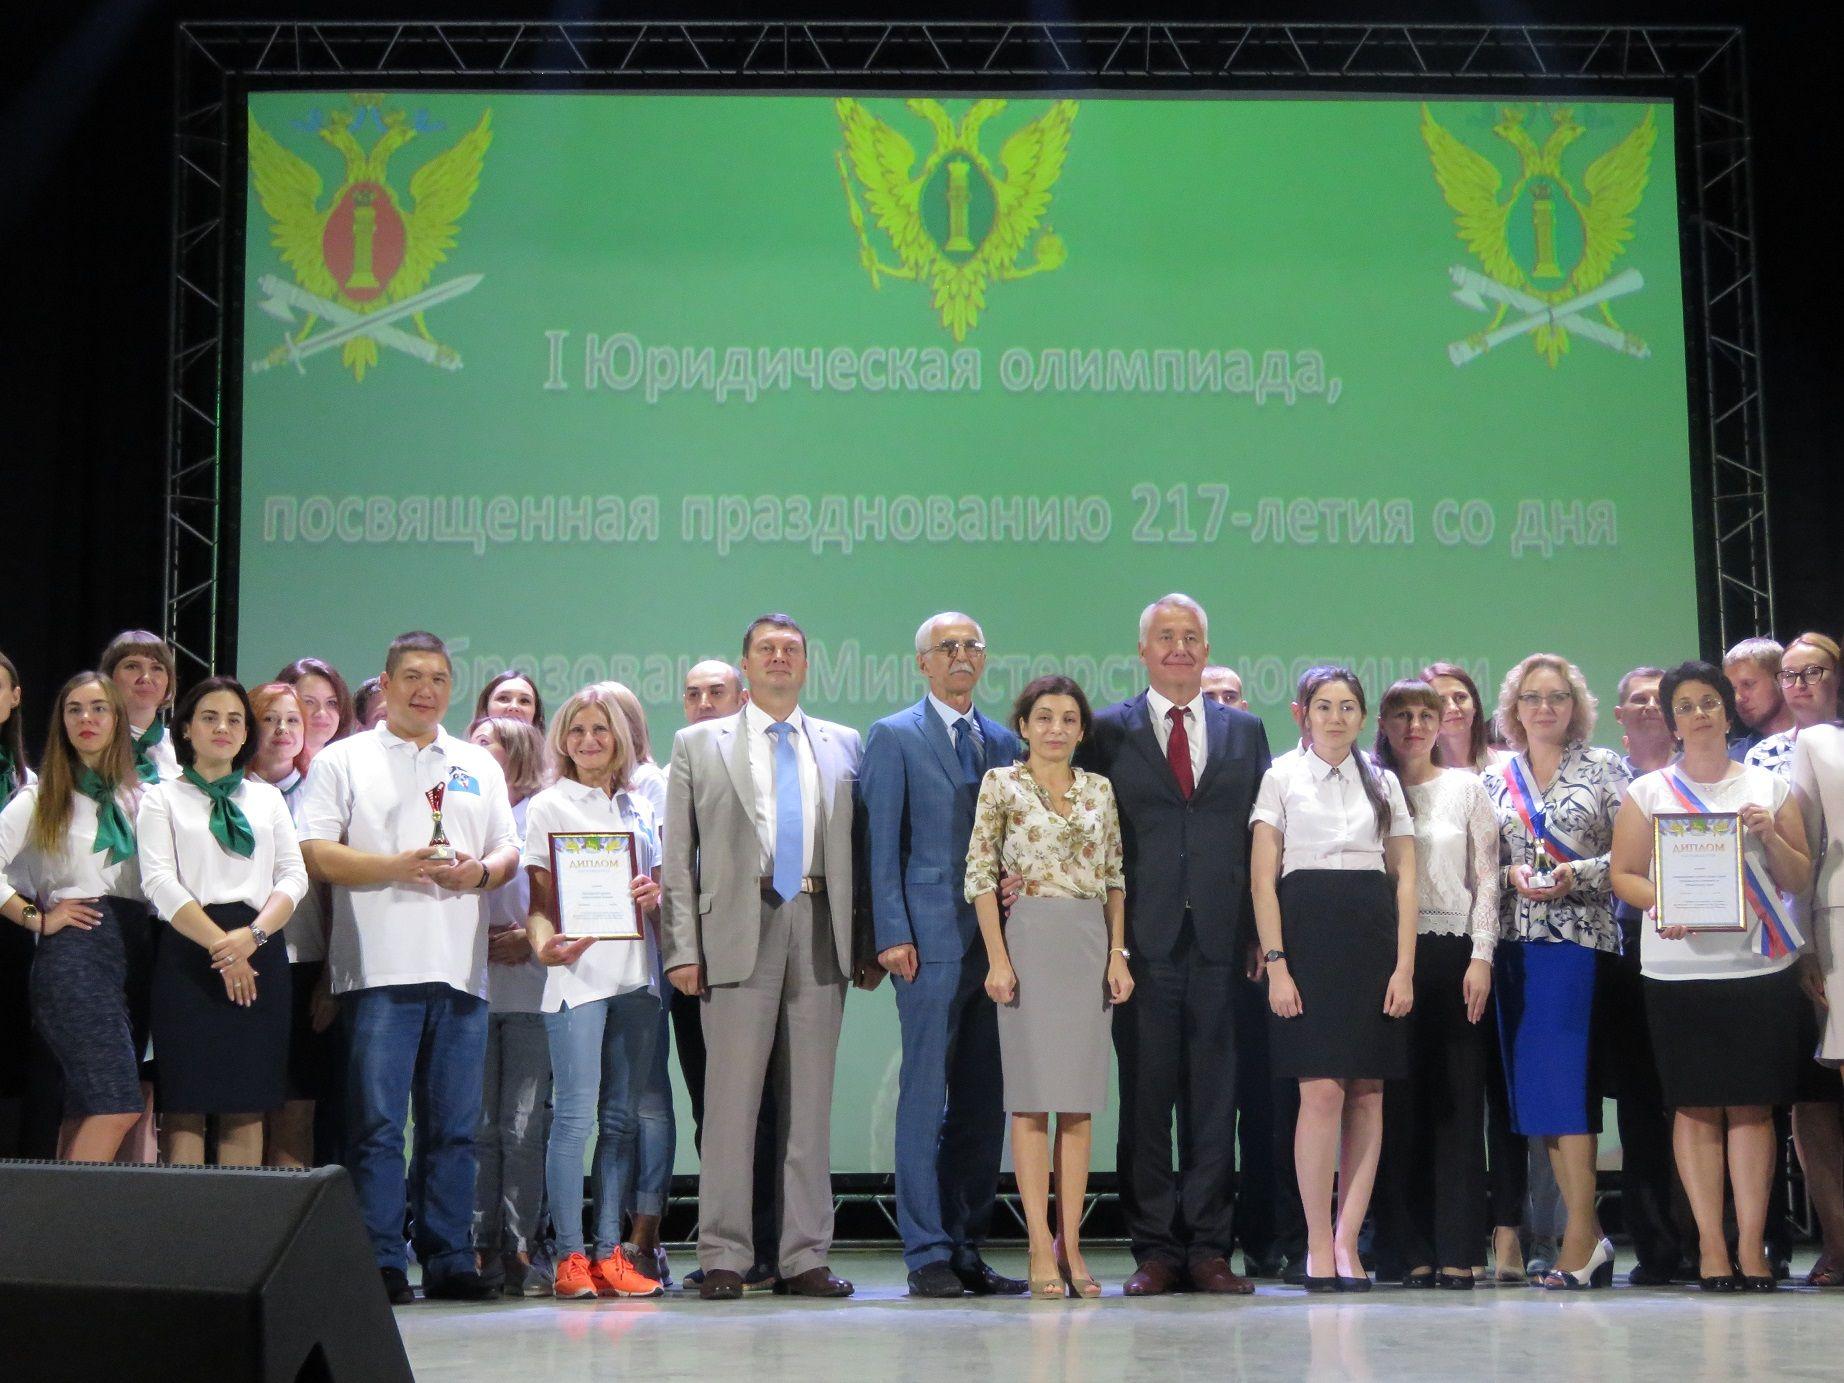 ВГУЭС представил площадку для проведения Юридической олимпиады служителям закона